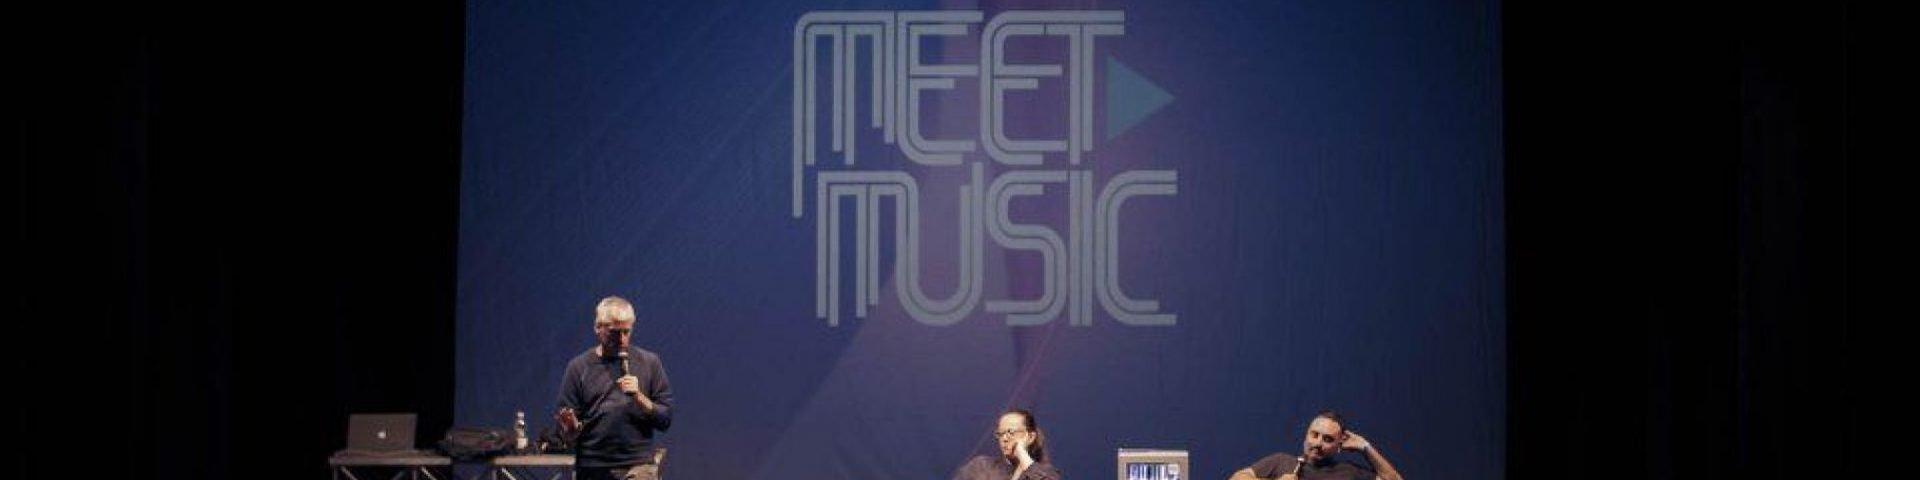 Mini Meet Music in programma dal 29 al 30 giugno diventa digitale